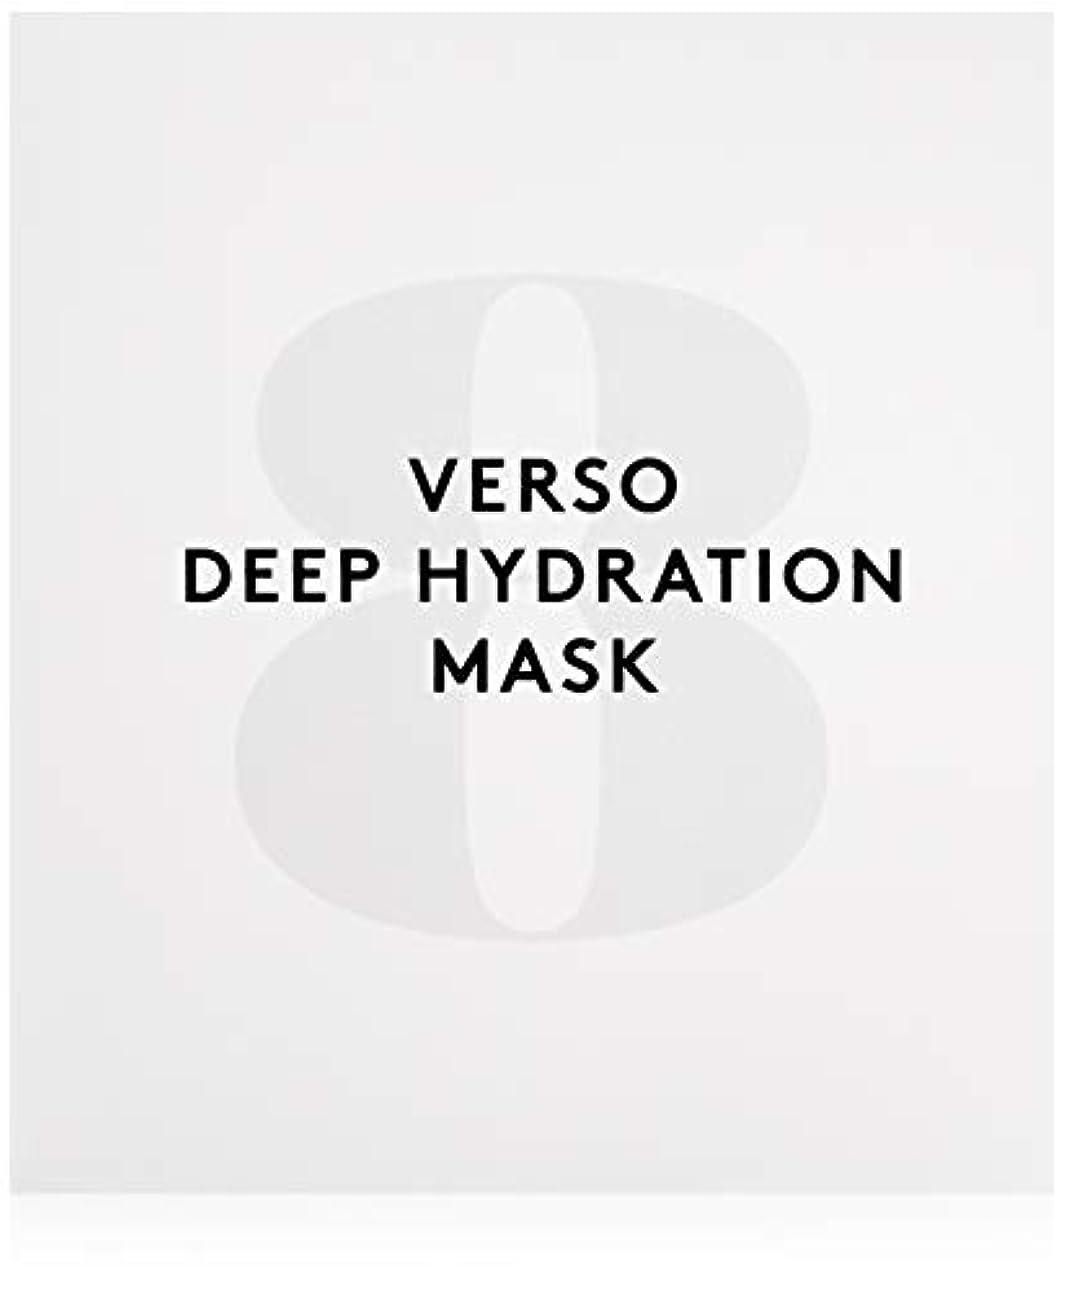 ミスペンドいっぱい適切にヴェルソスキンケア ディープハイドレーションマスク 4x25g/0.88oz